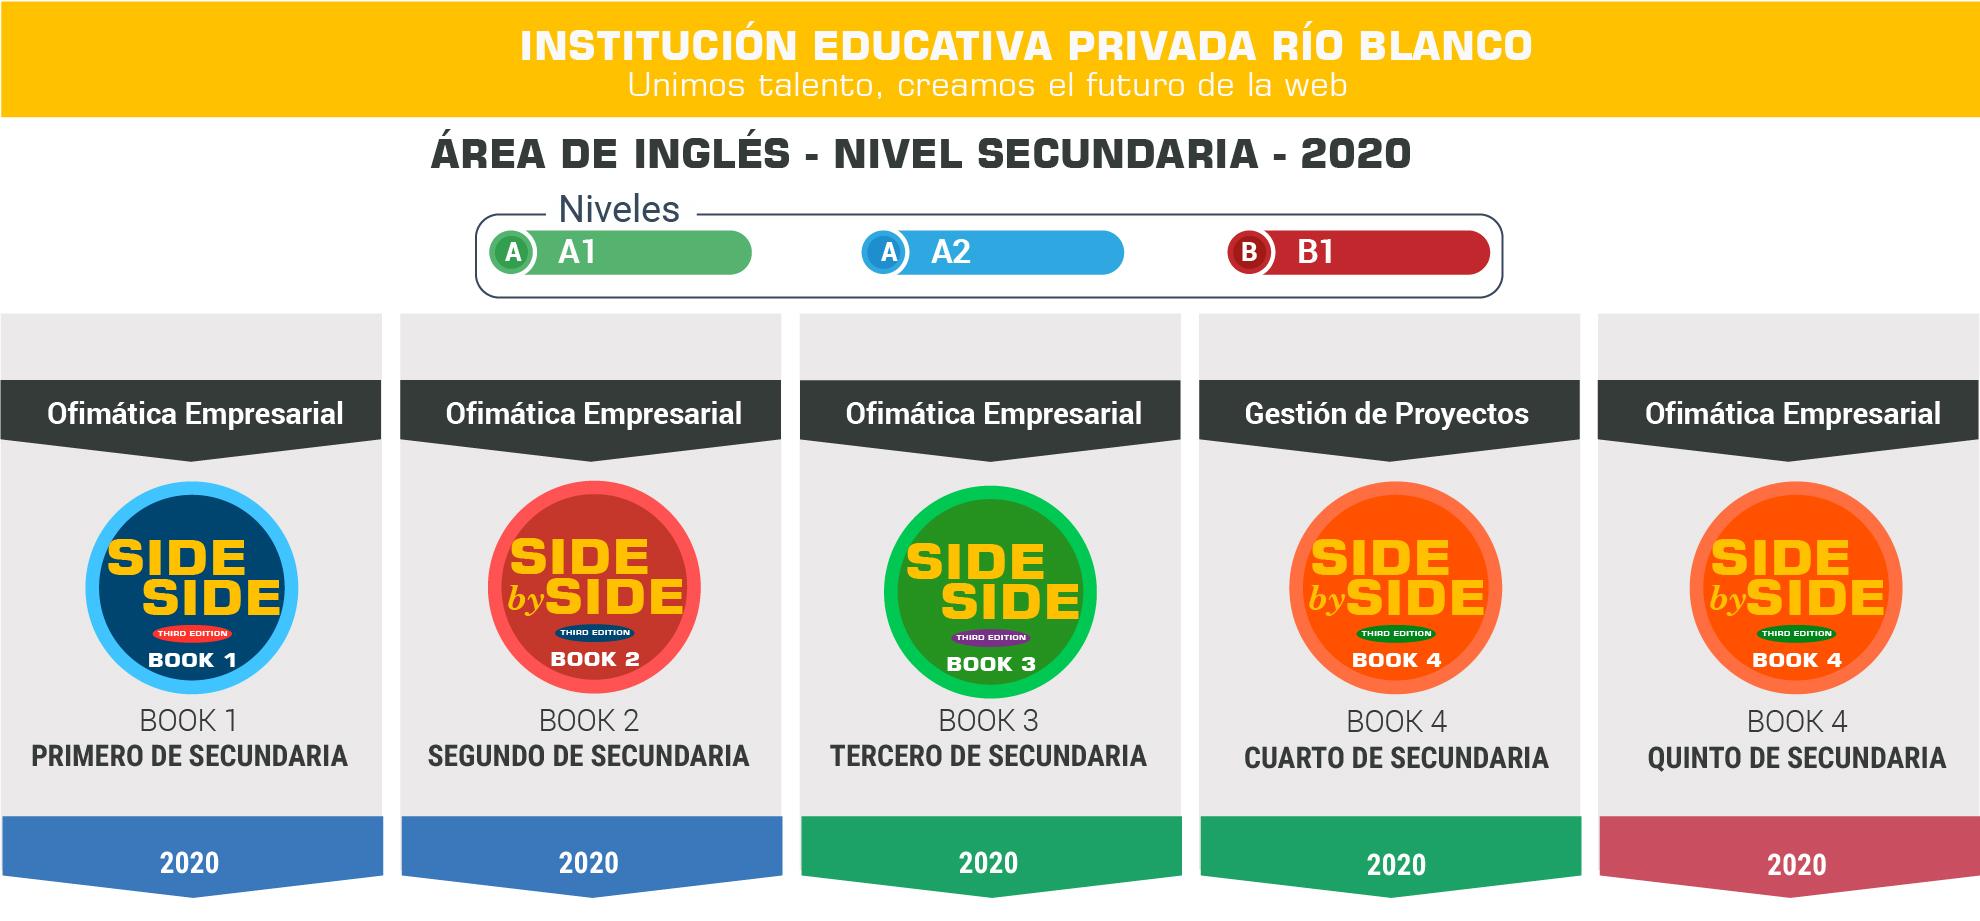 Área de tecnologías - IE Río Blanco - 2020